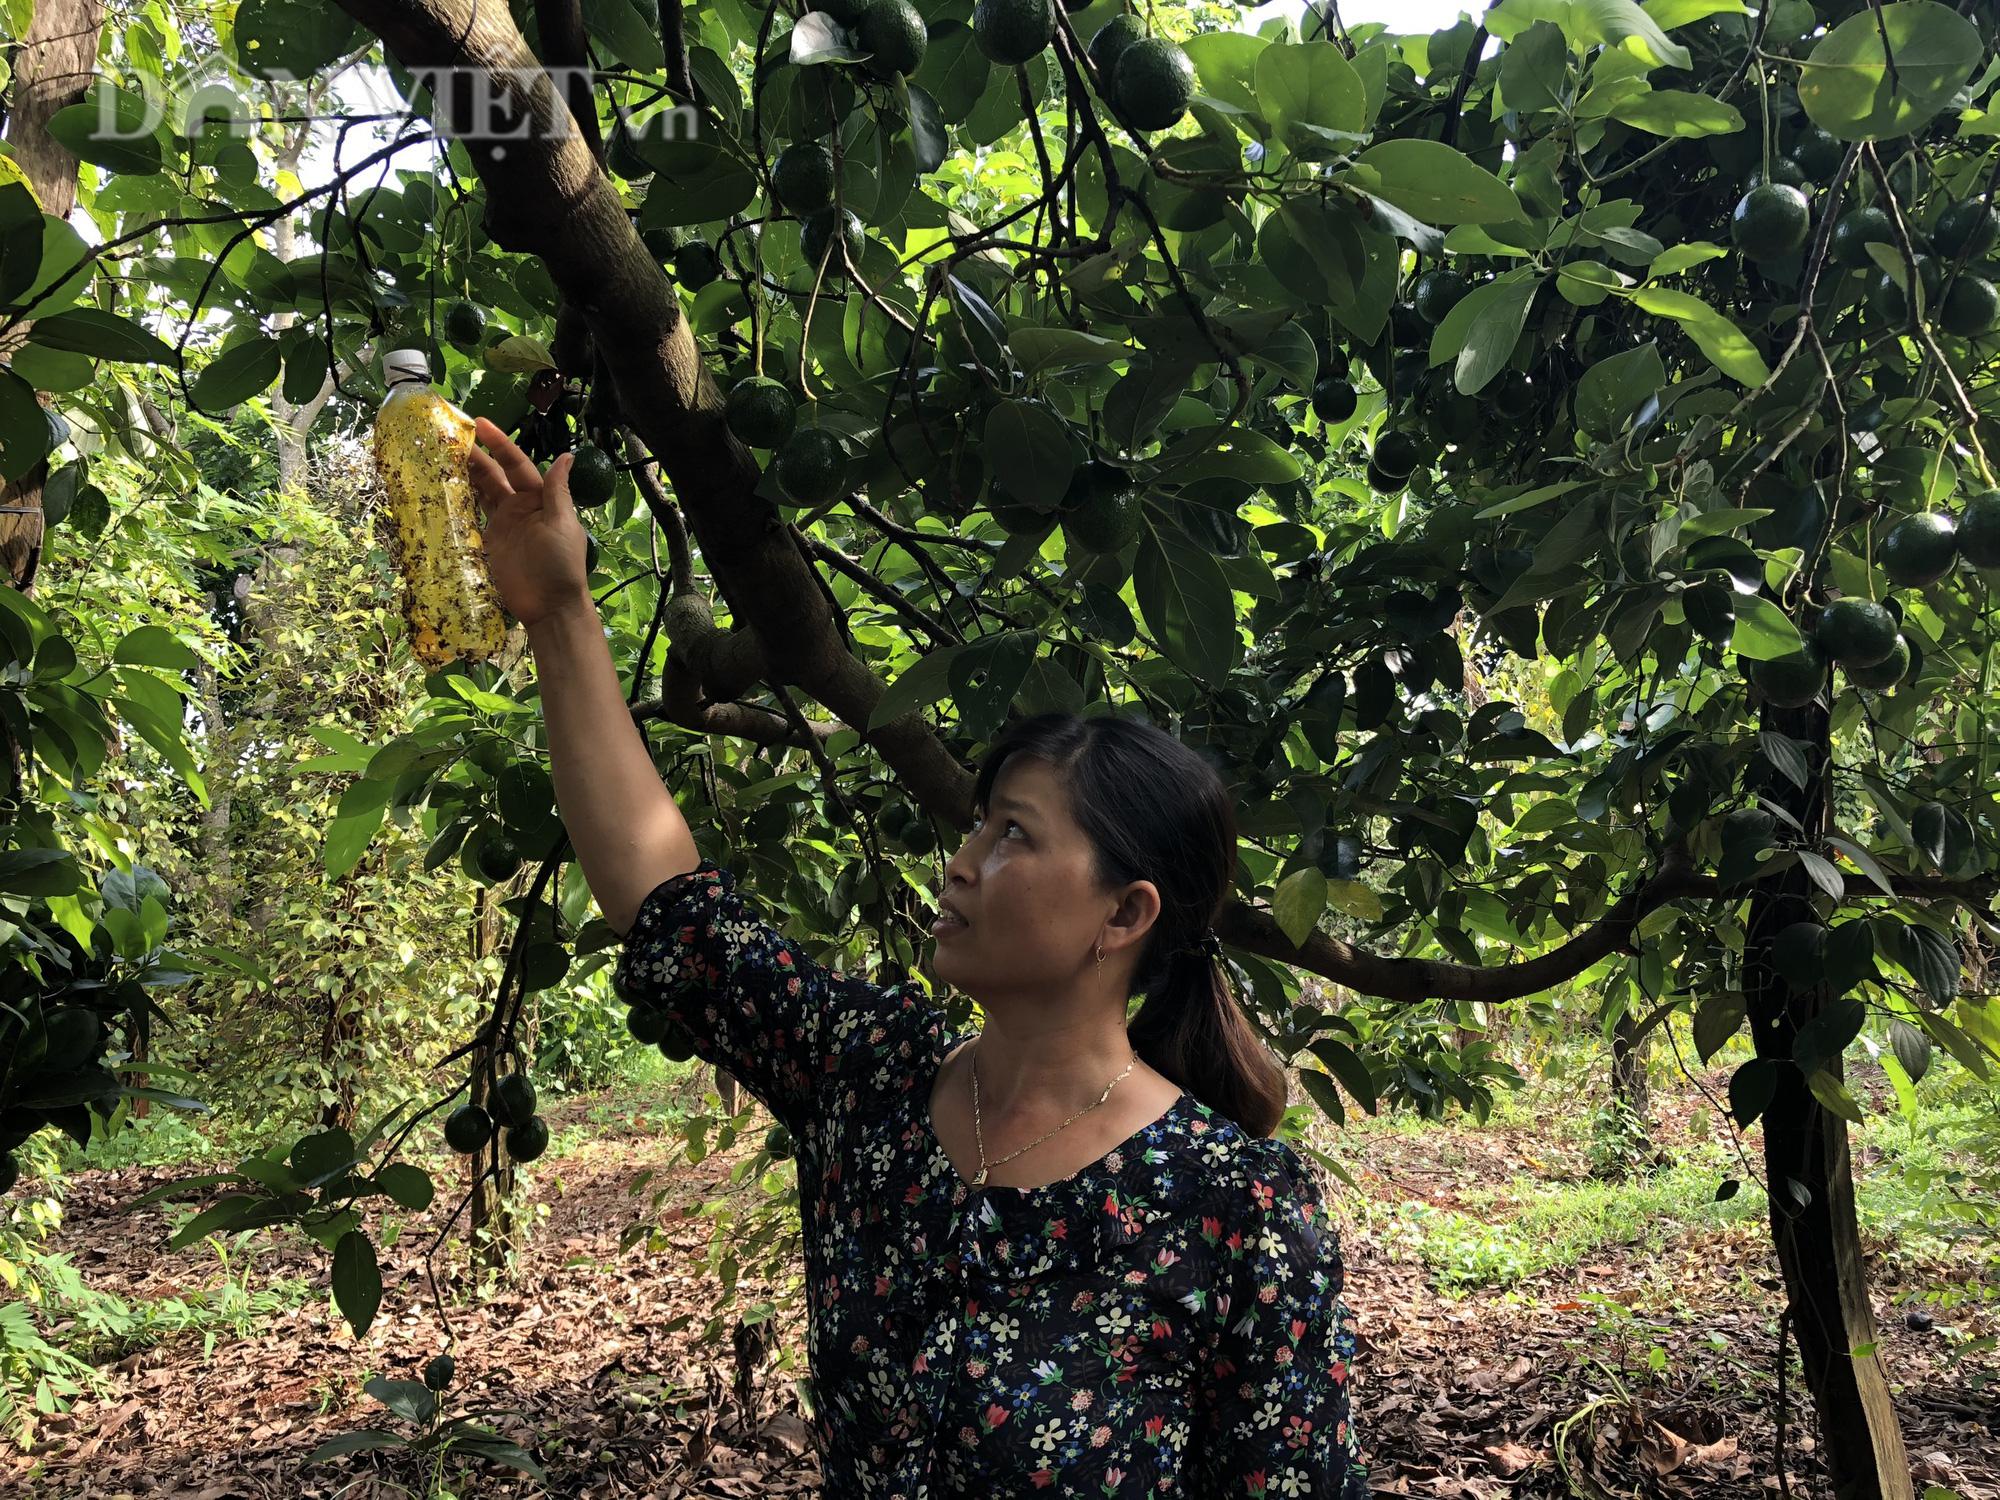 Người phụ nữ đào bỏ tiêu, bơ hiến hơn 1.500m2 đất làm đường - Ảnh 5.